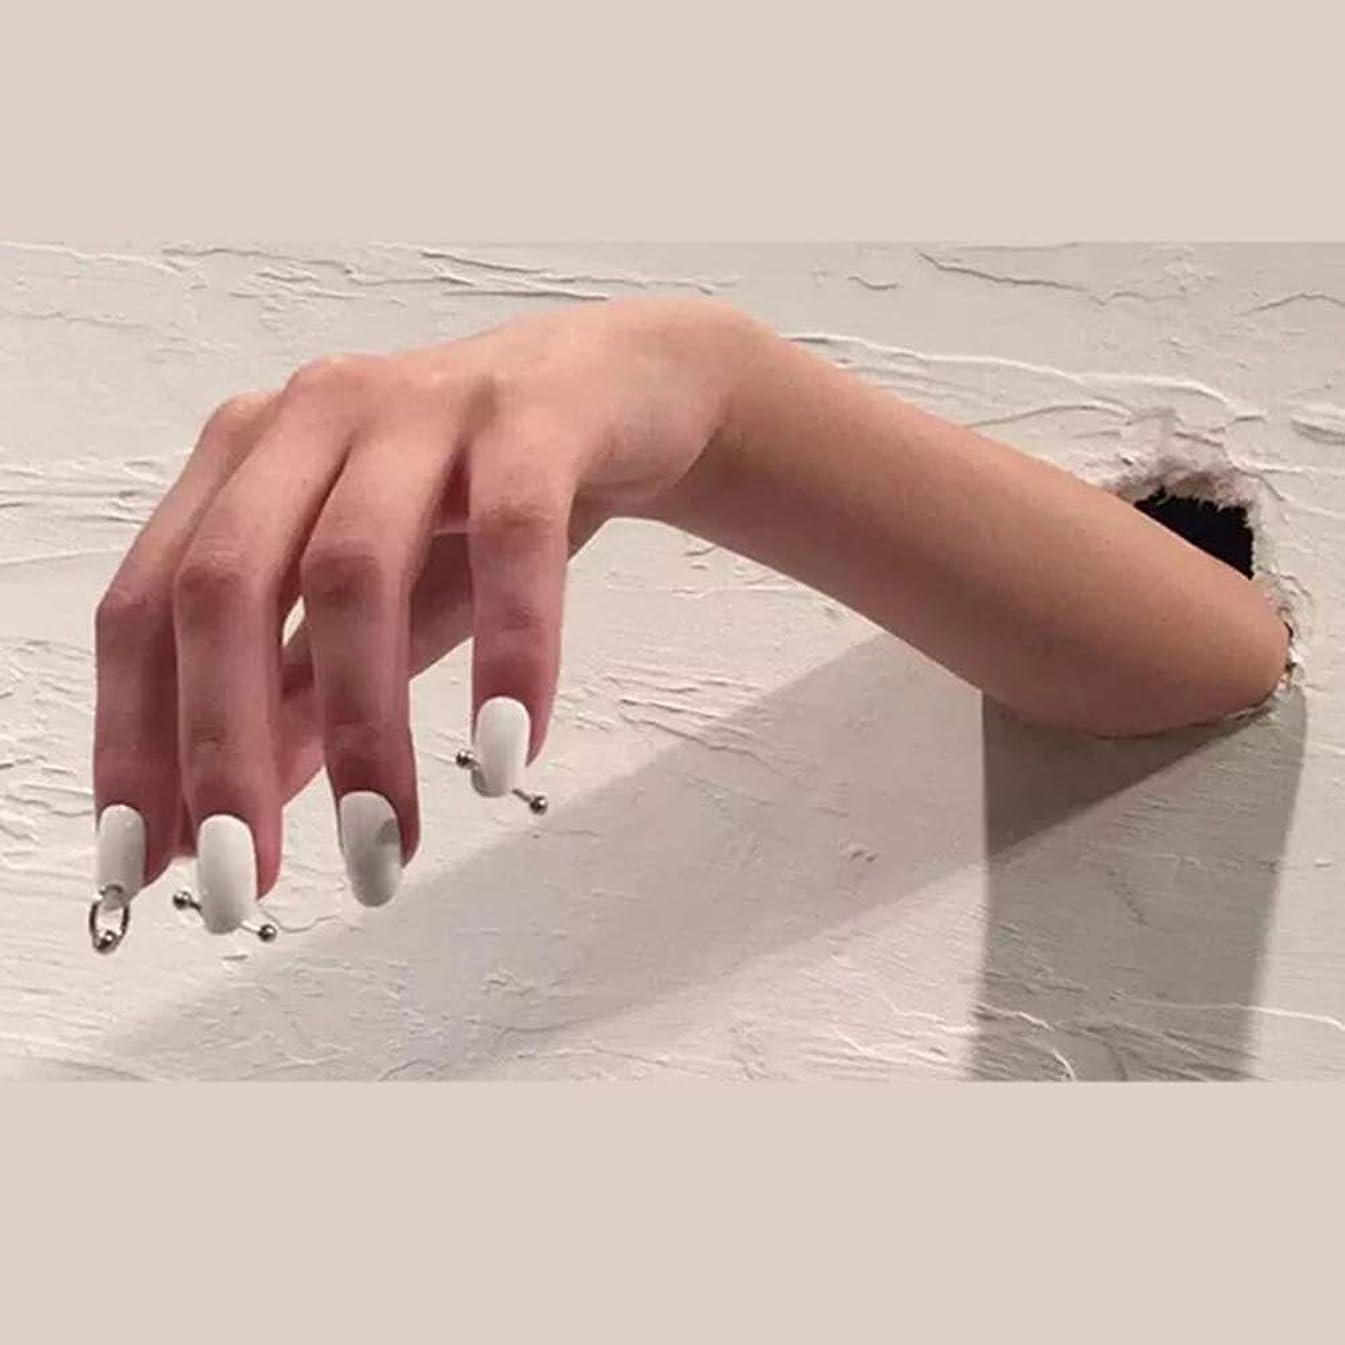 徒歩で仕えるモチーフXUTXZKA スリヴァーリング偽爪偽爪24ピース女性フルネイルチップと白の純粋な色